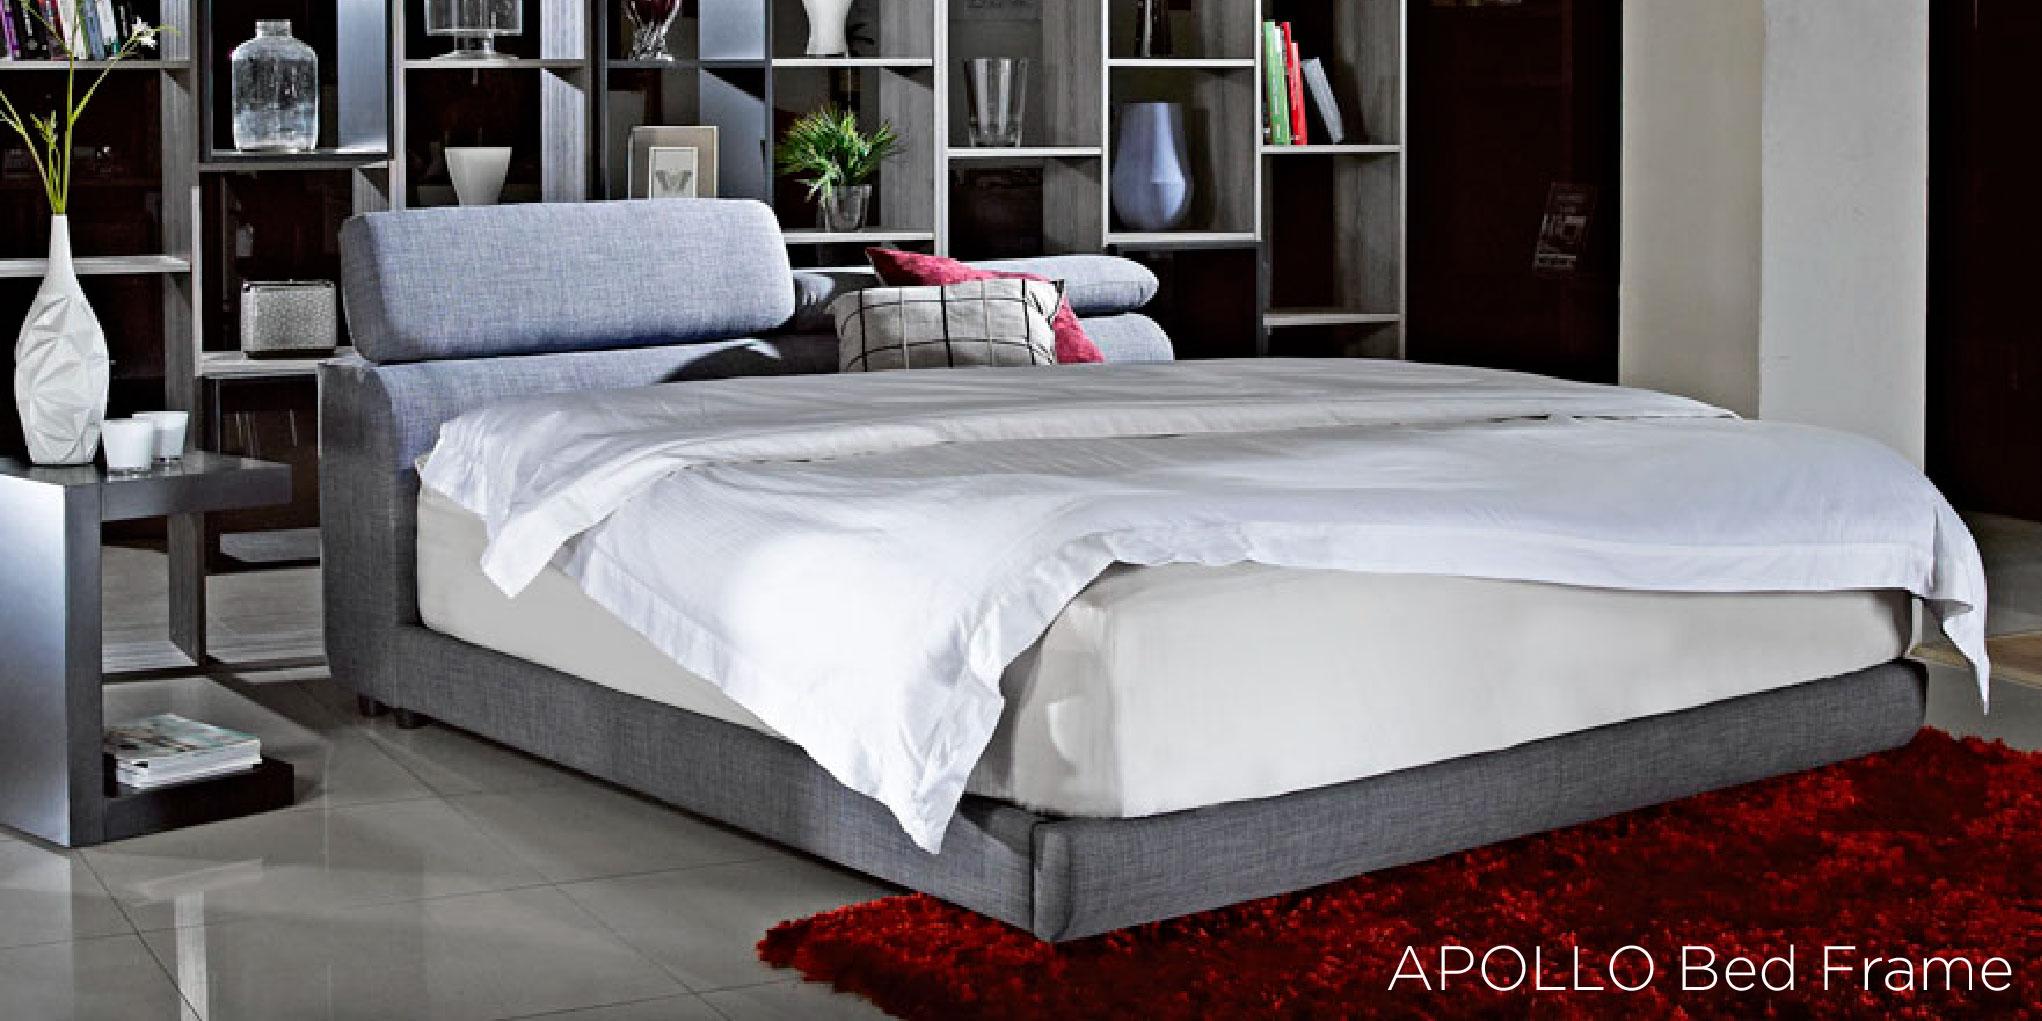 Apollo bed frame 01 01